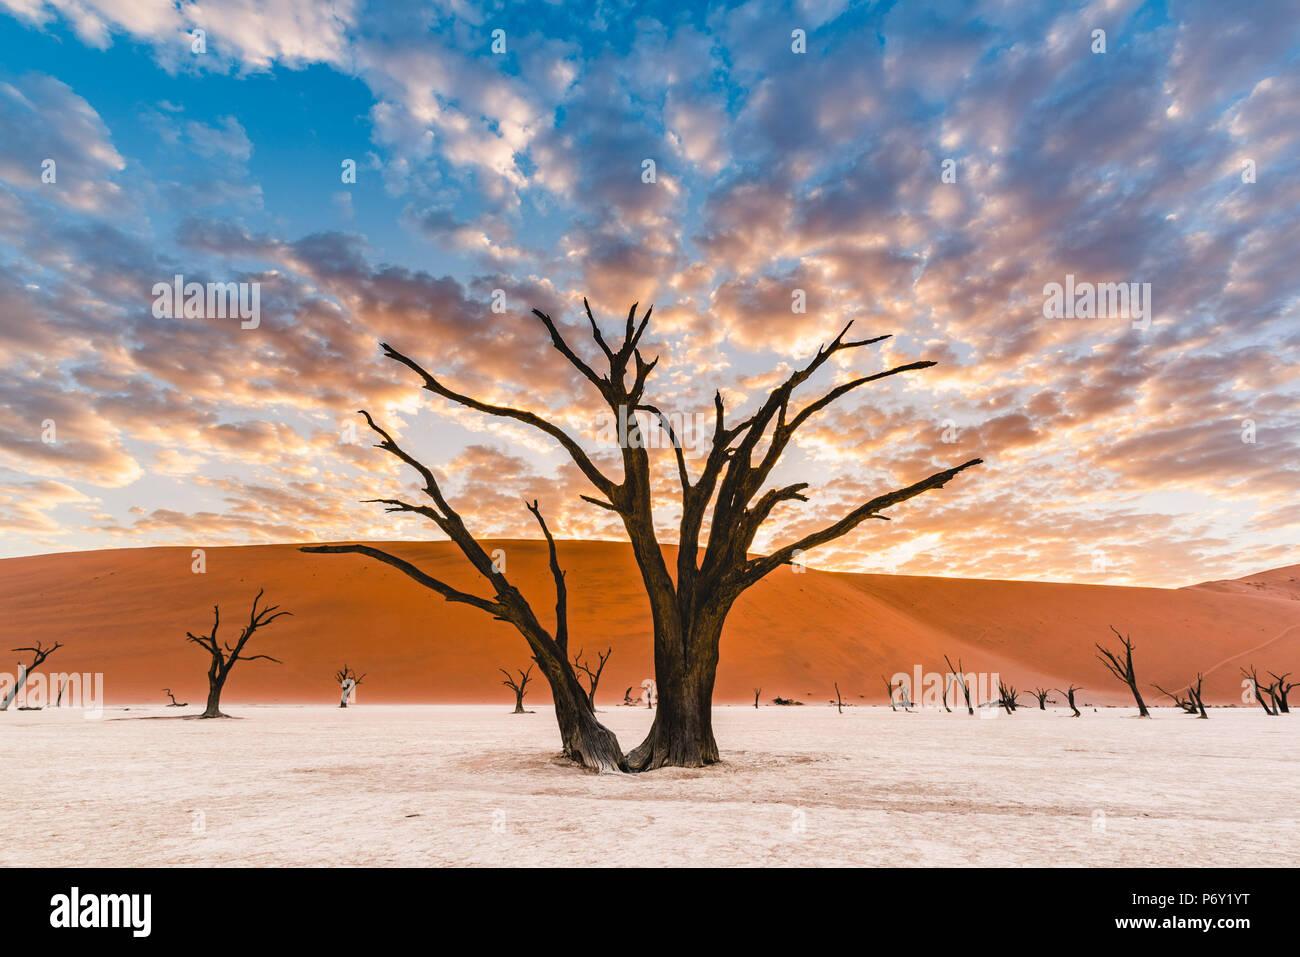 Arcilla Deadvlei pan, Parque Nacional Namib-Naukluft, Namibia, Africa. Muertos árboles de acacia y dunas de arena. Imagen De Stock